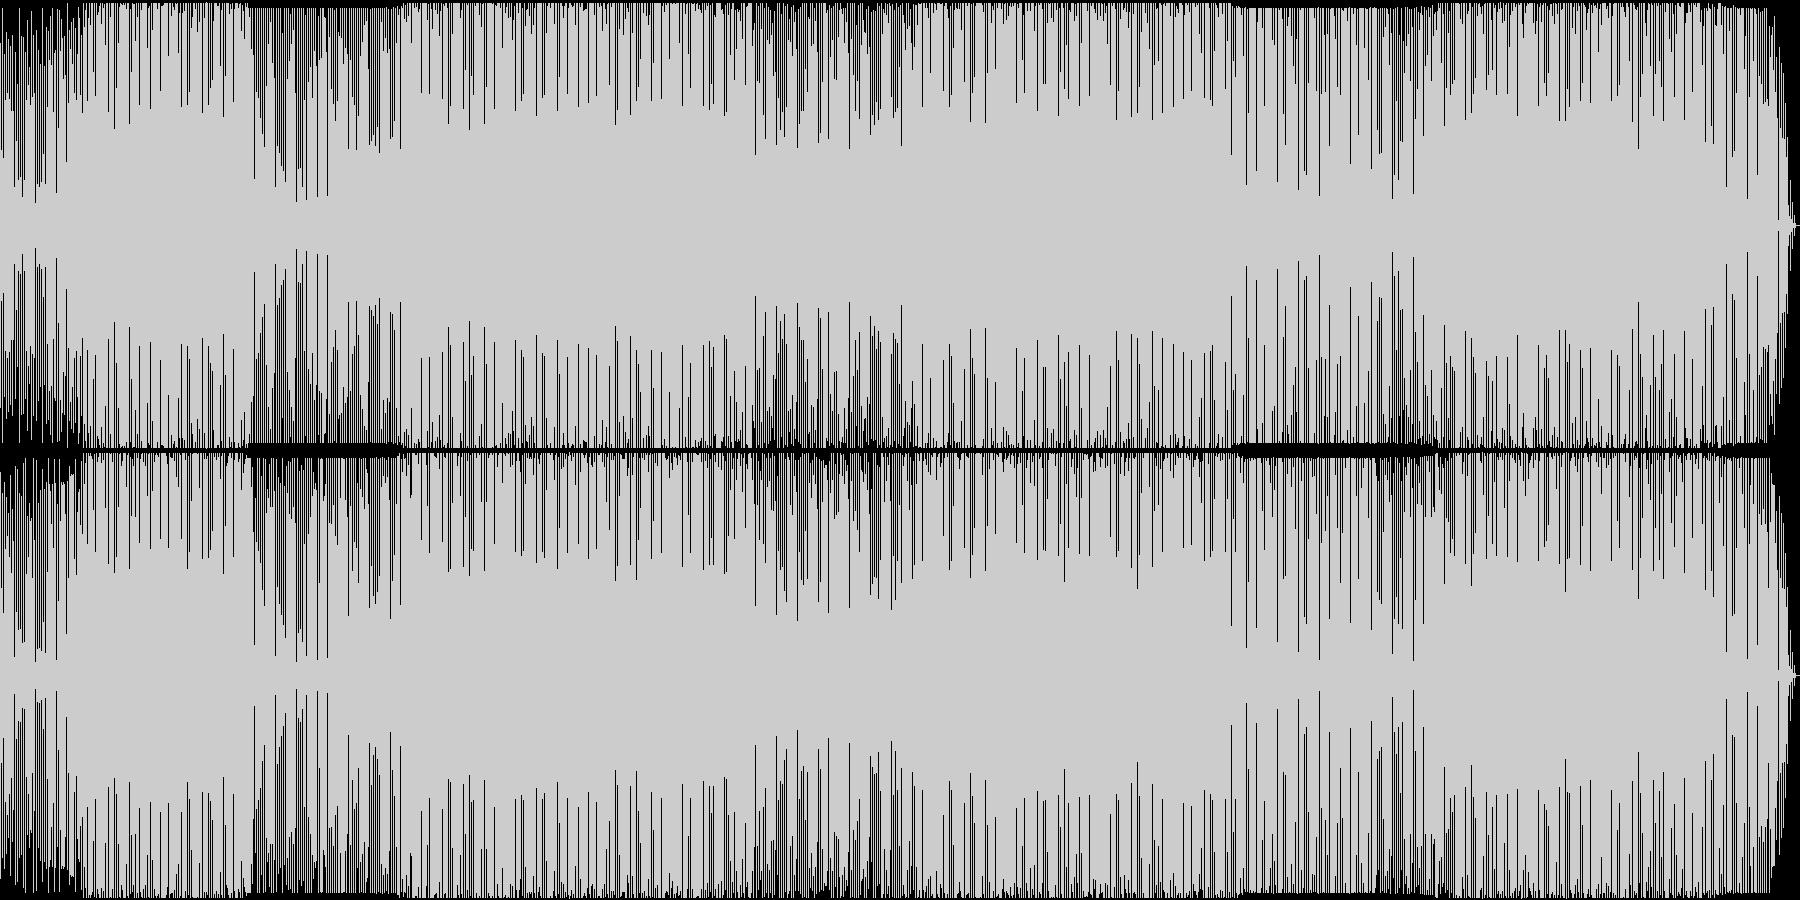 機械みのあるプログレッシブテックトラックの未再生の波形